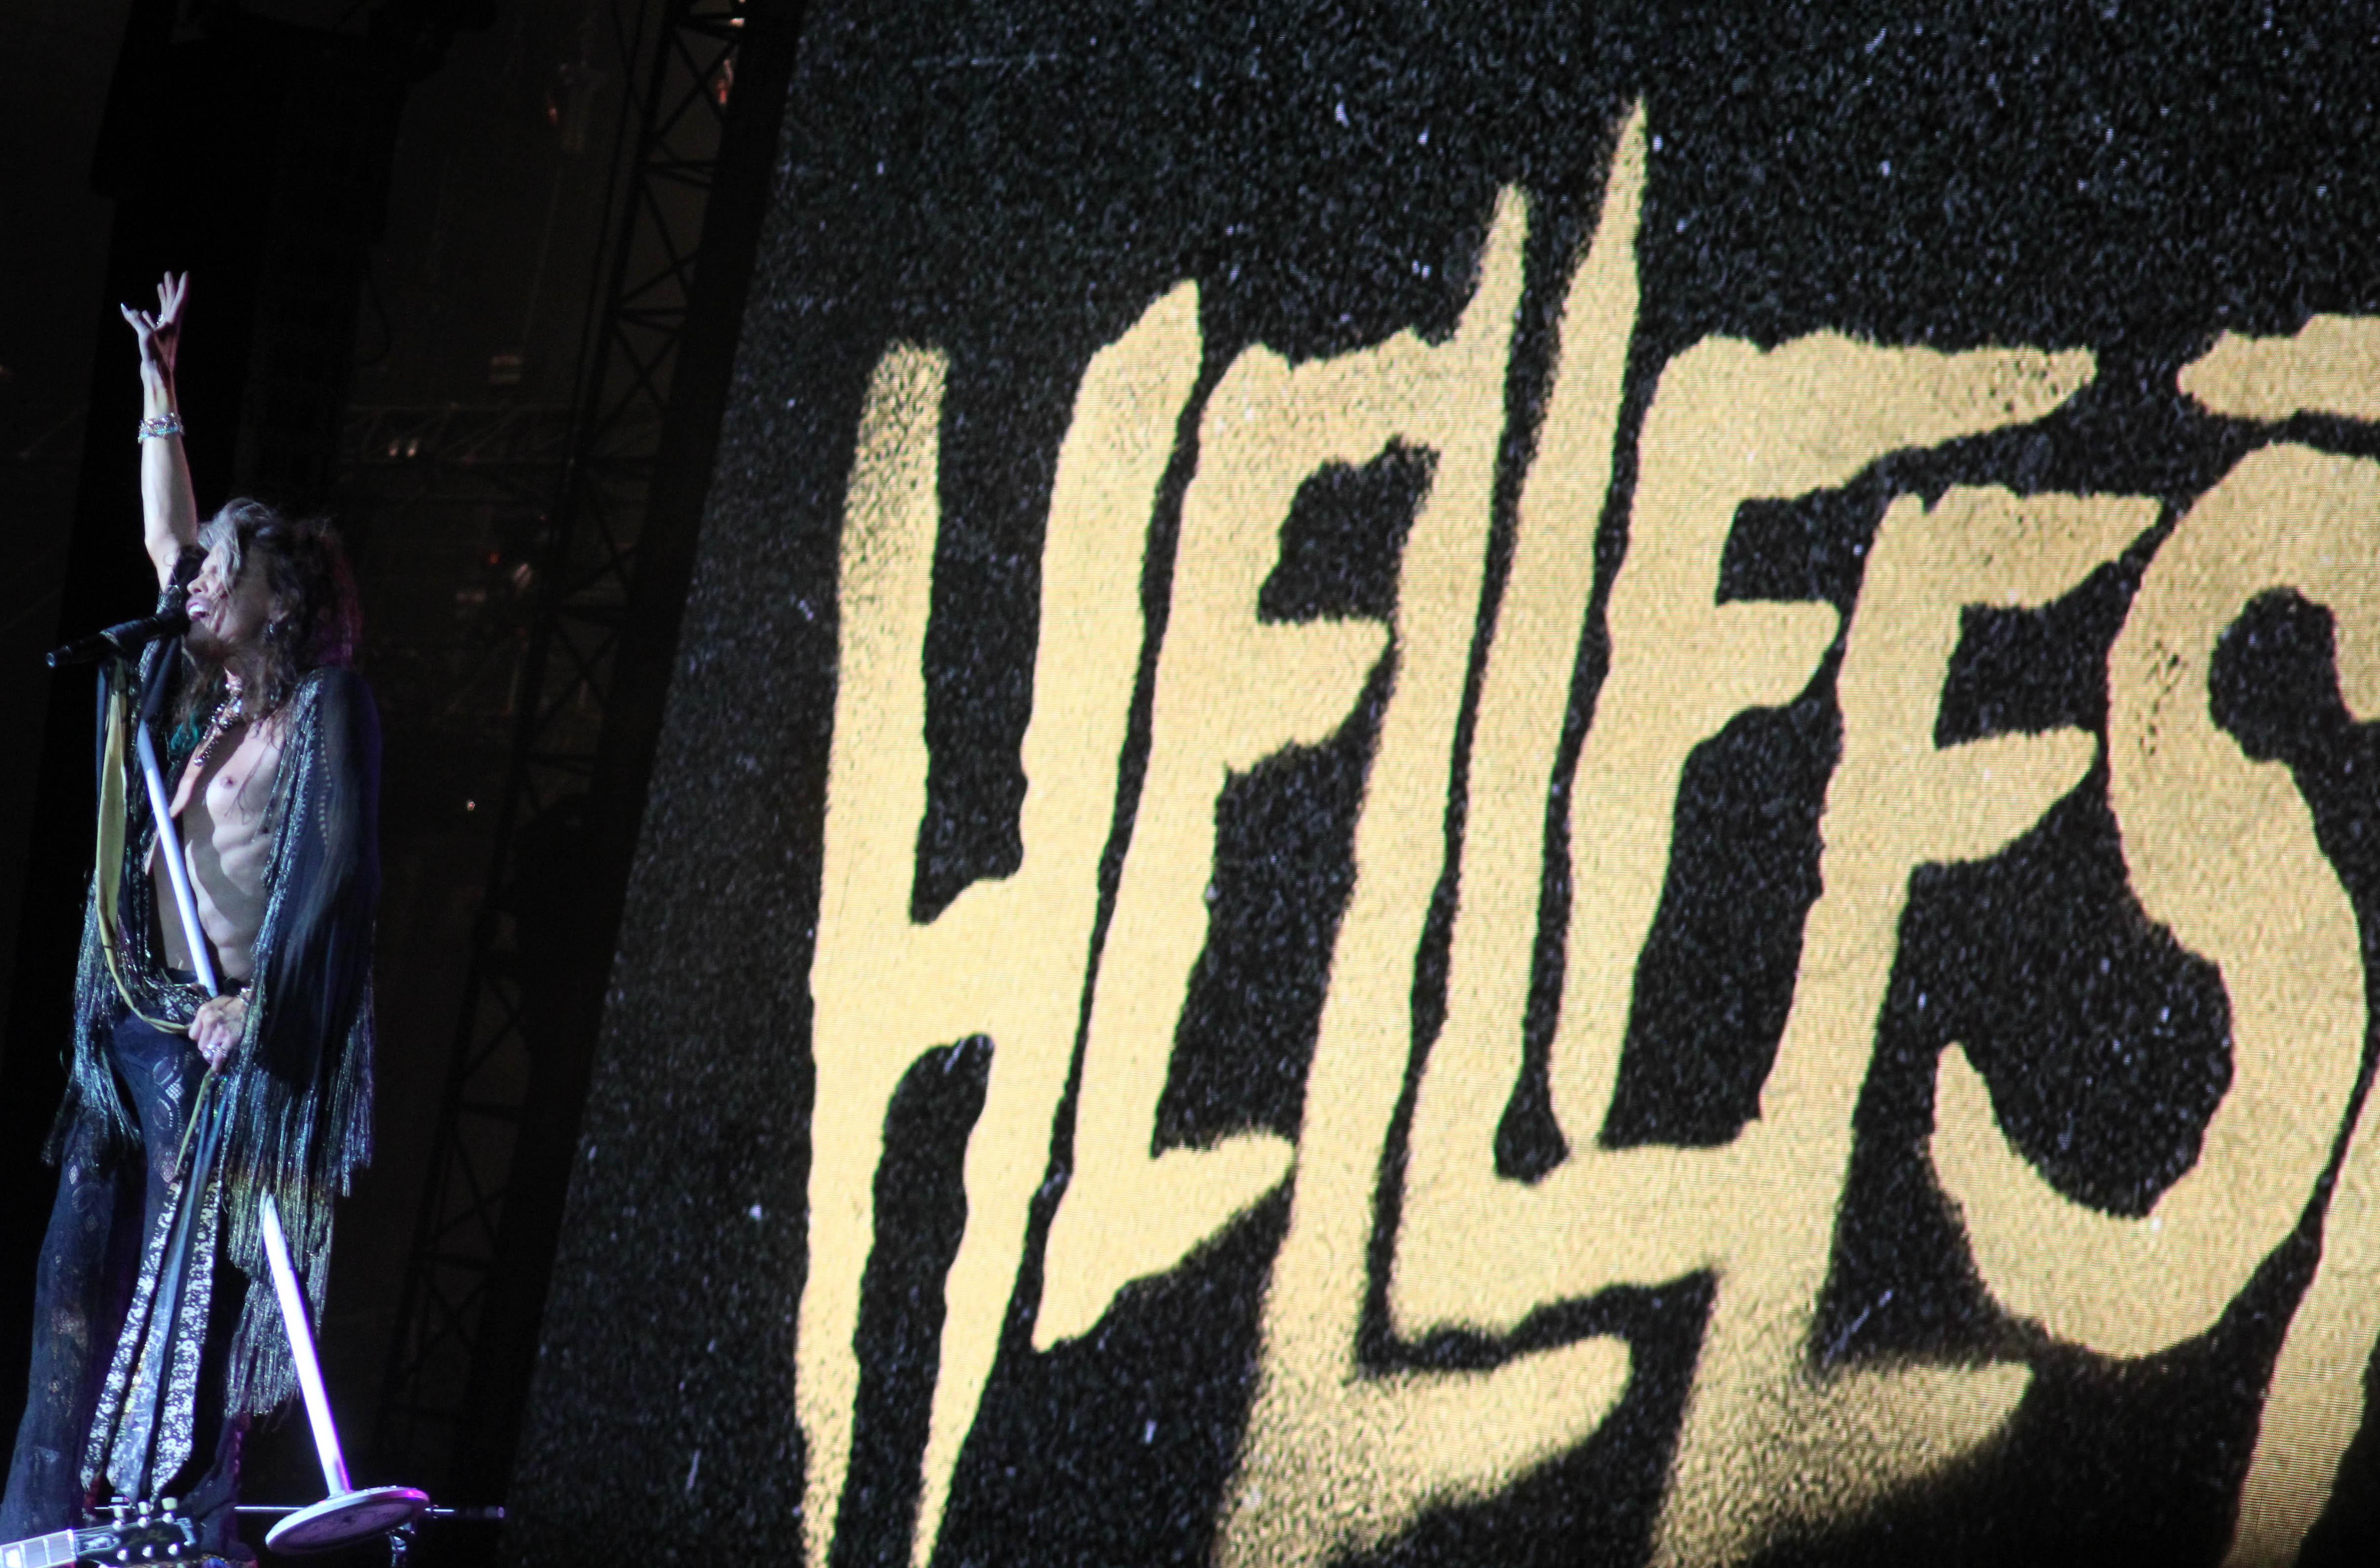 FESTIVAL HELLFEST